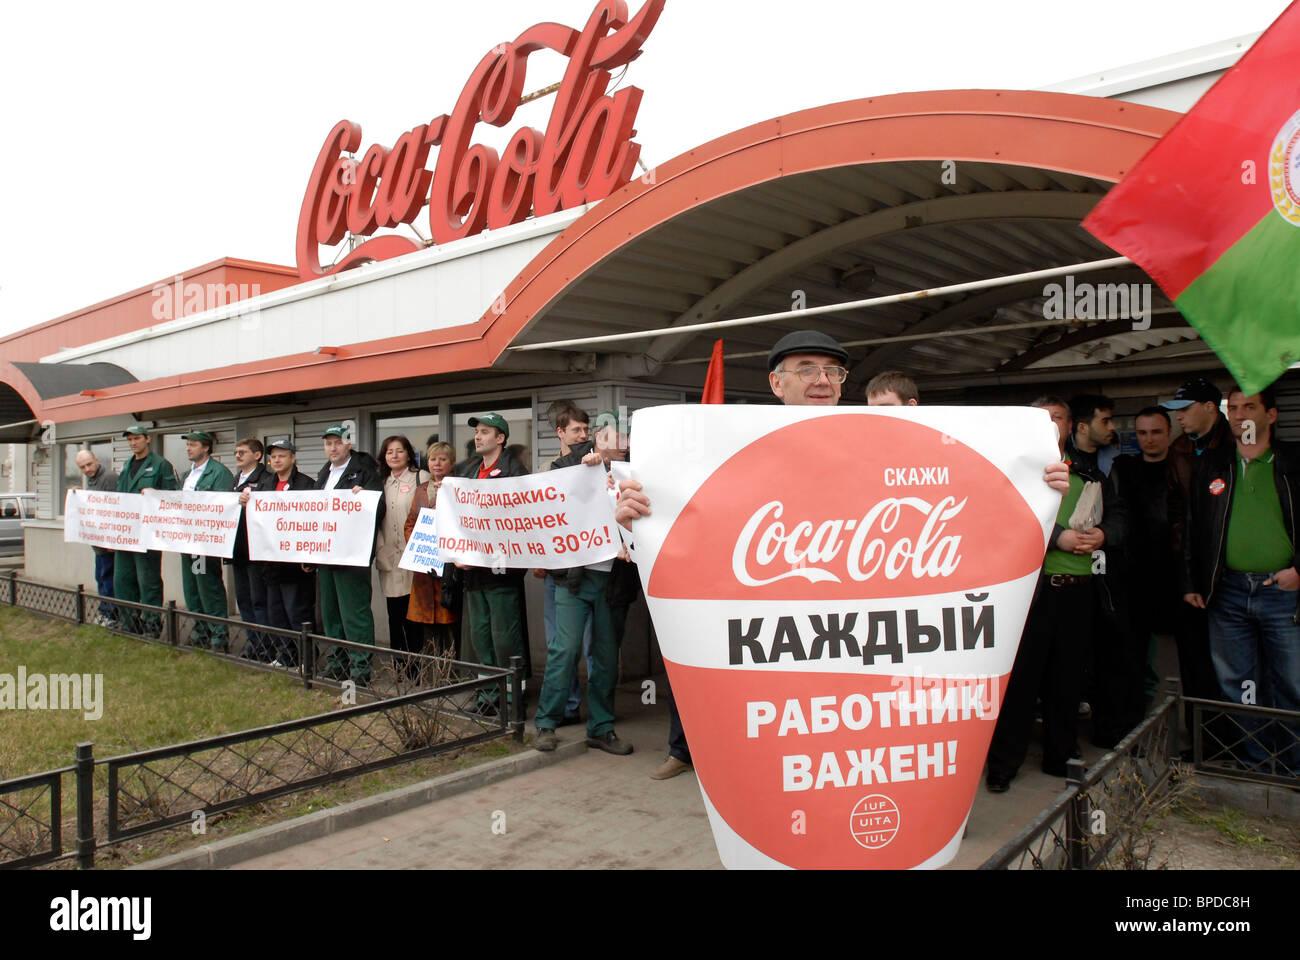 Los trabajadores de Coca-Cola Company la demanda de aumento salarial en San Petersburgo. Imagen De Stock